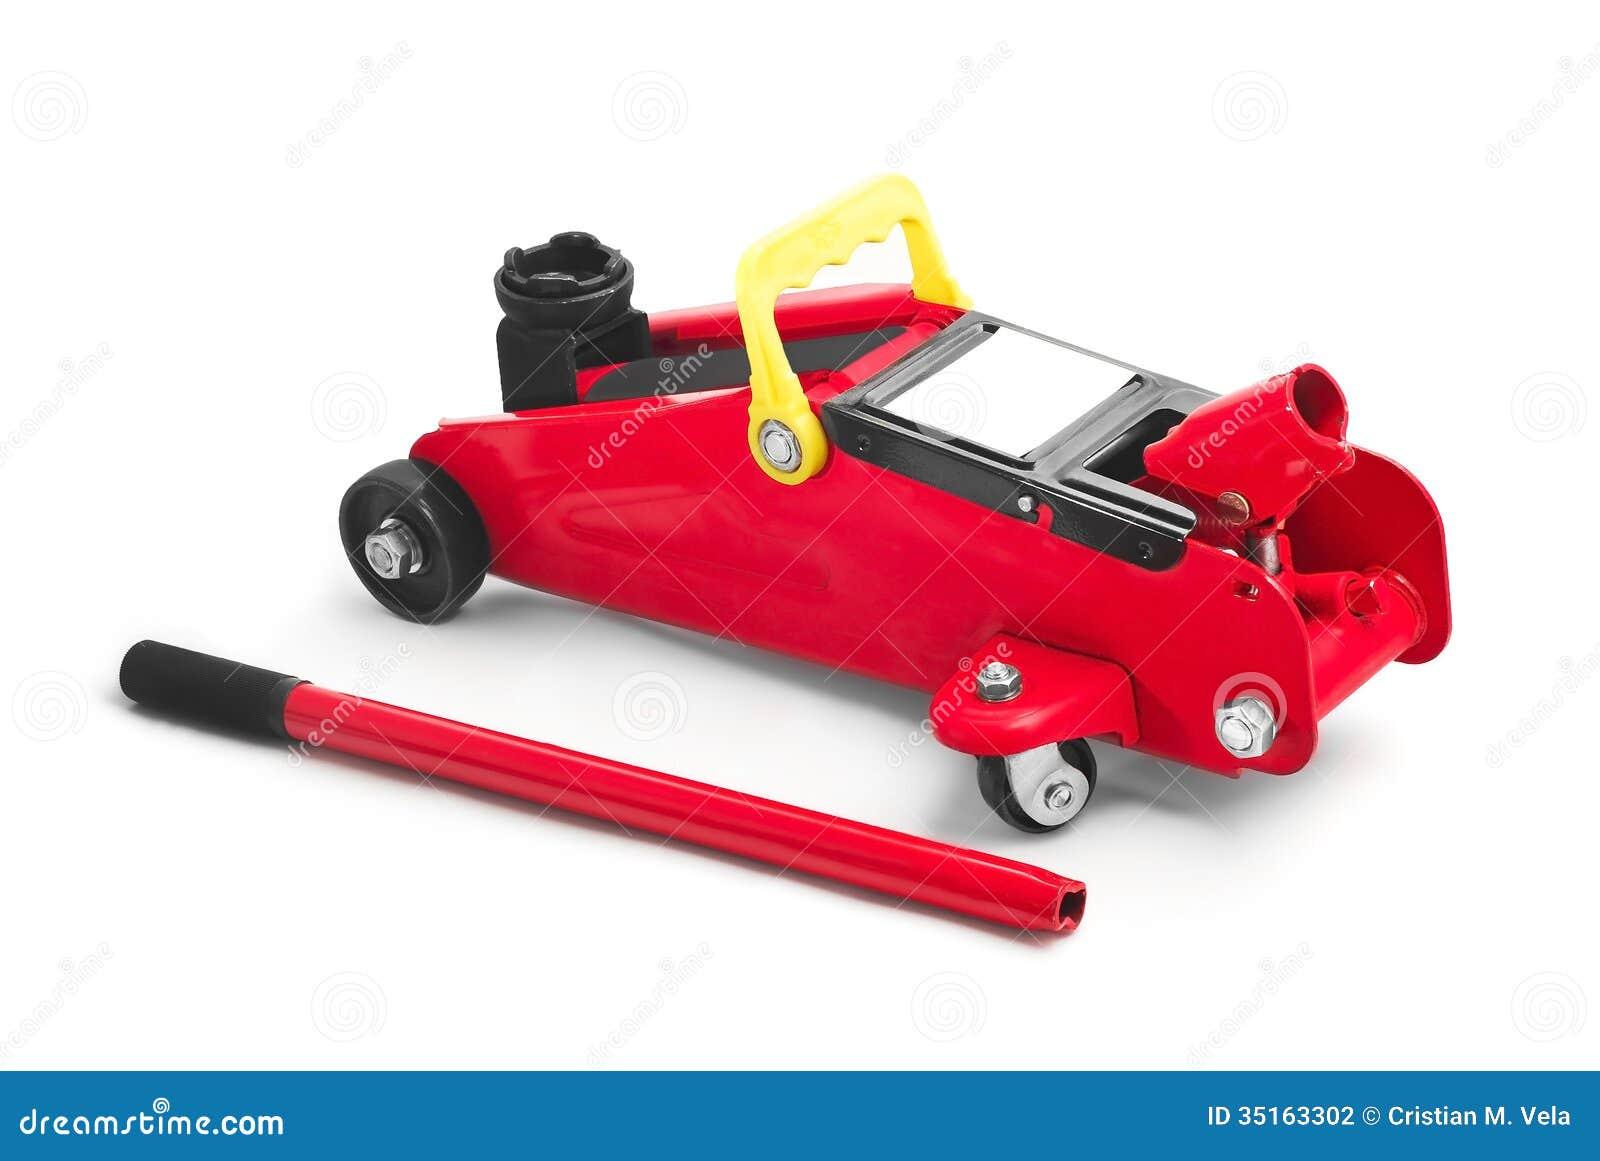 Hydrauliczna samochodowa dźwigarka